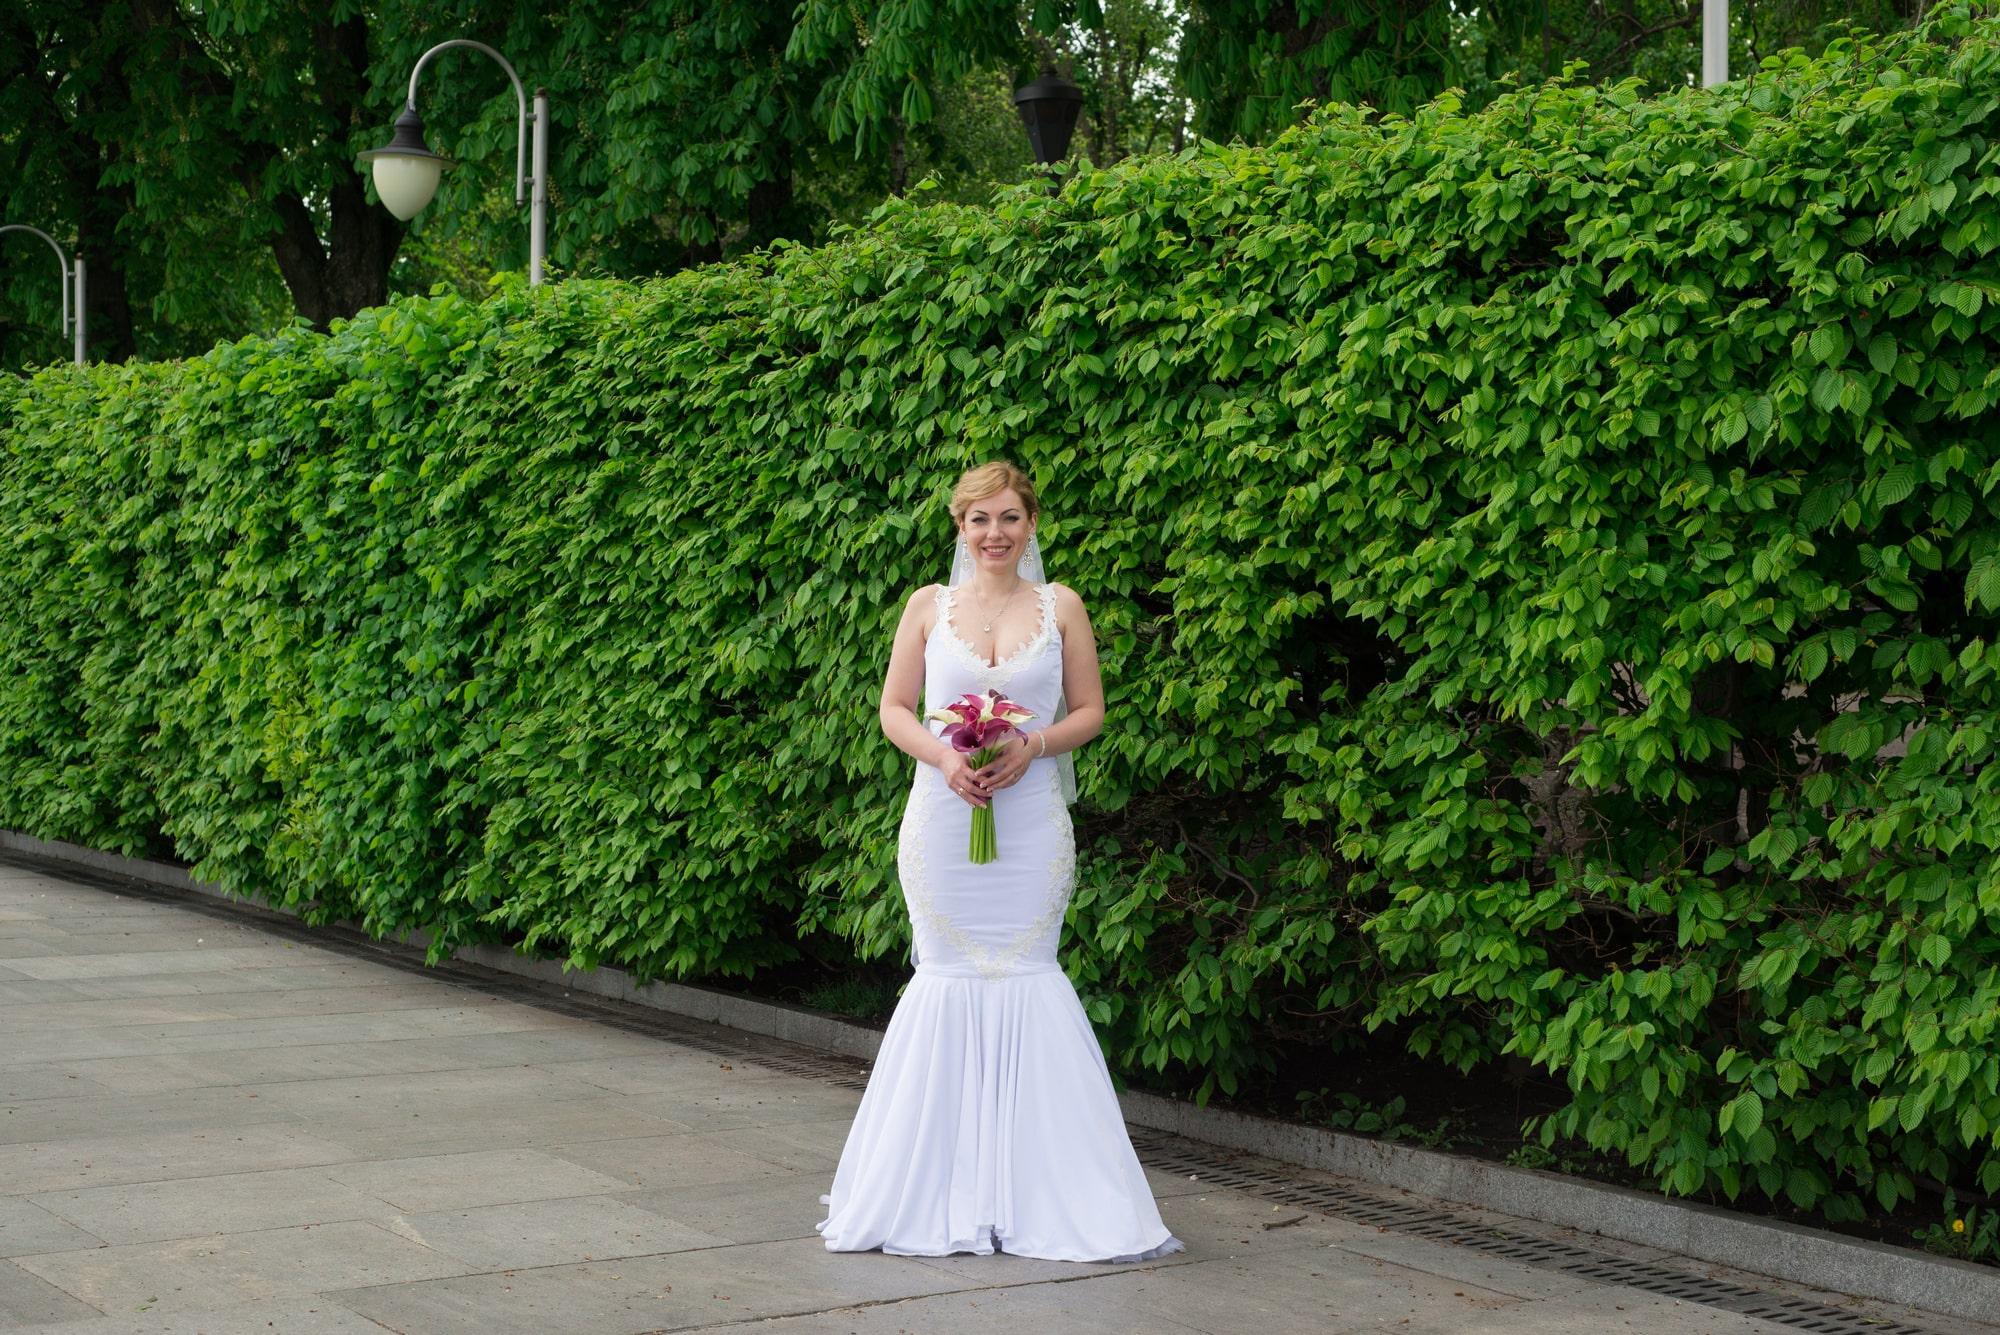 Невеста с букетом фотографируется в парке - Фотограф Женя Лайт